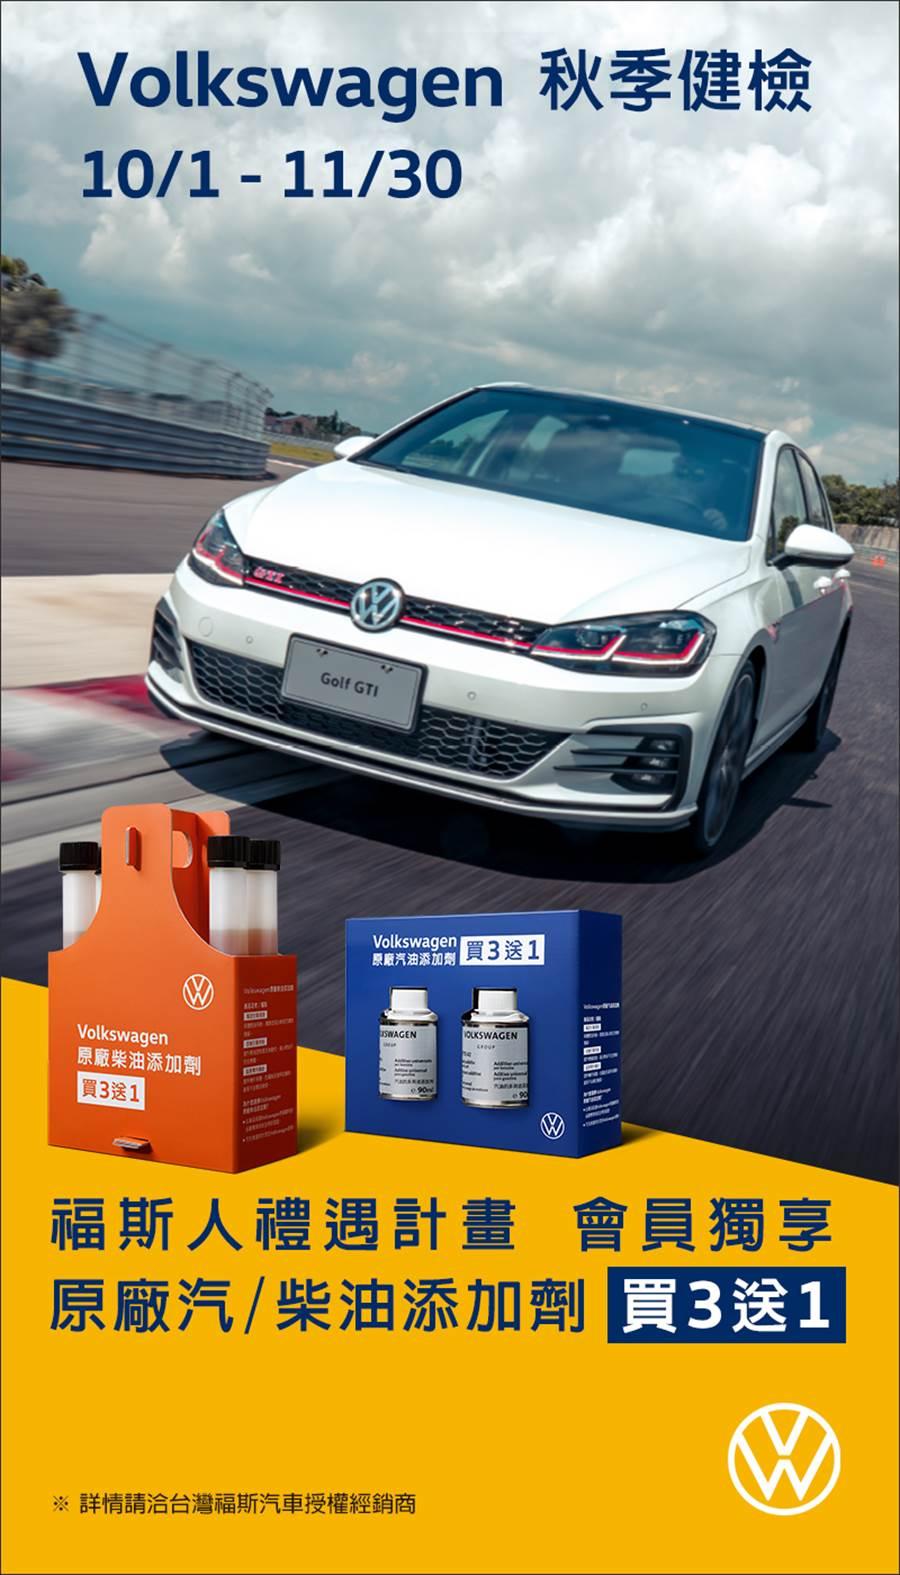 「福斯人禮遇計畫」會員享有原廠汽/柴油添加劑買3送1,同時指定品牌新輪胎更享保固特惠。